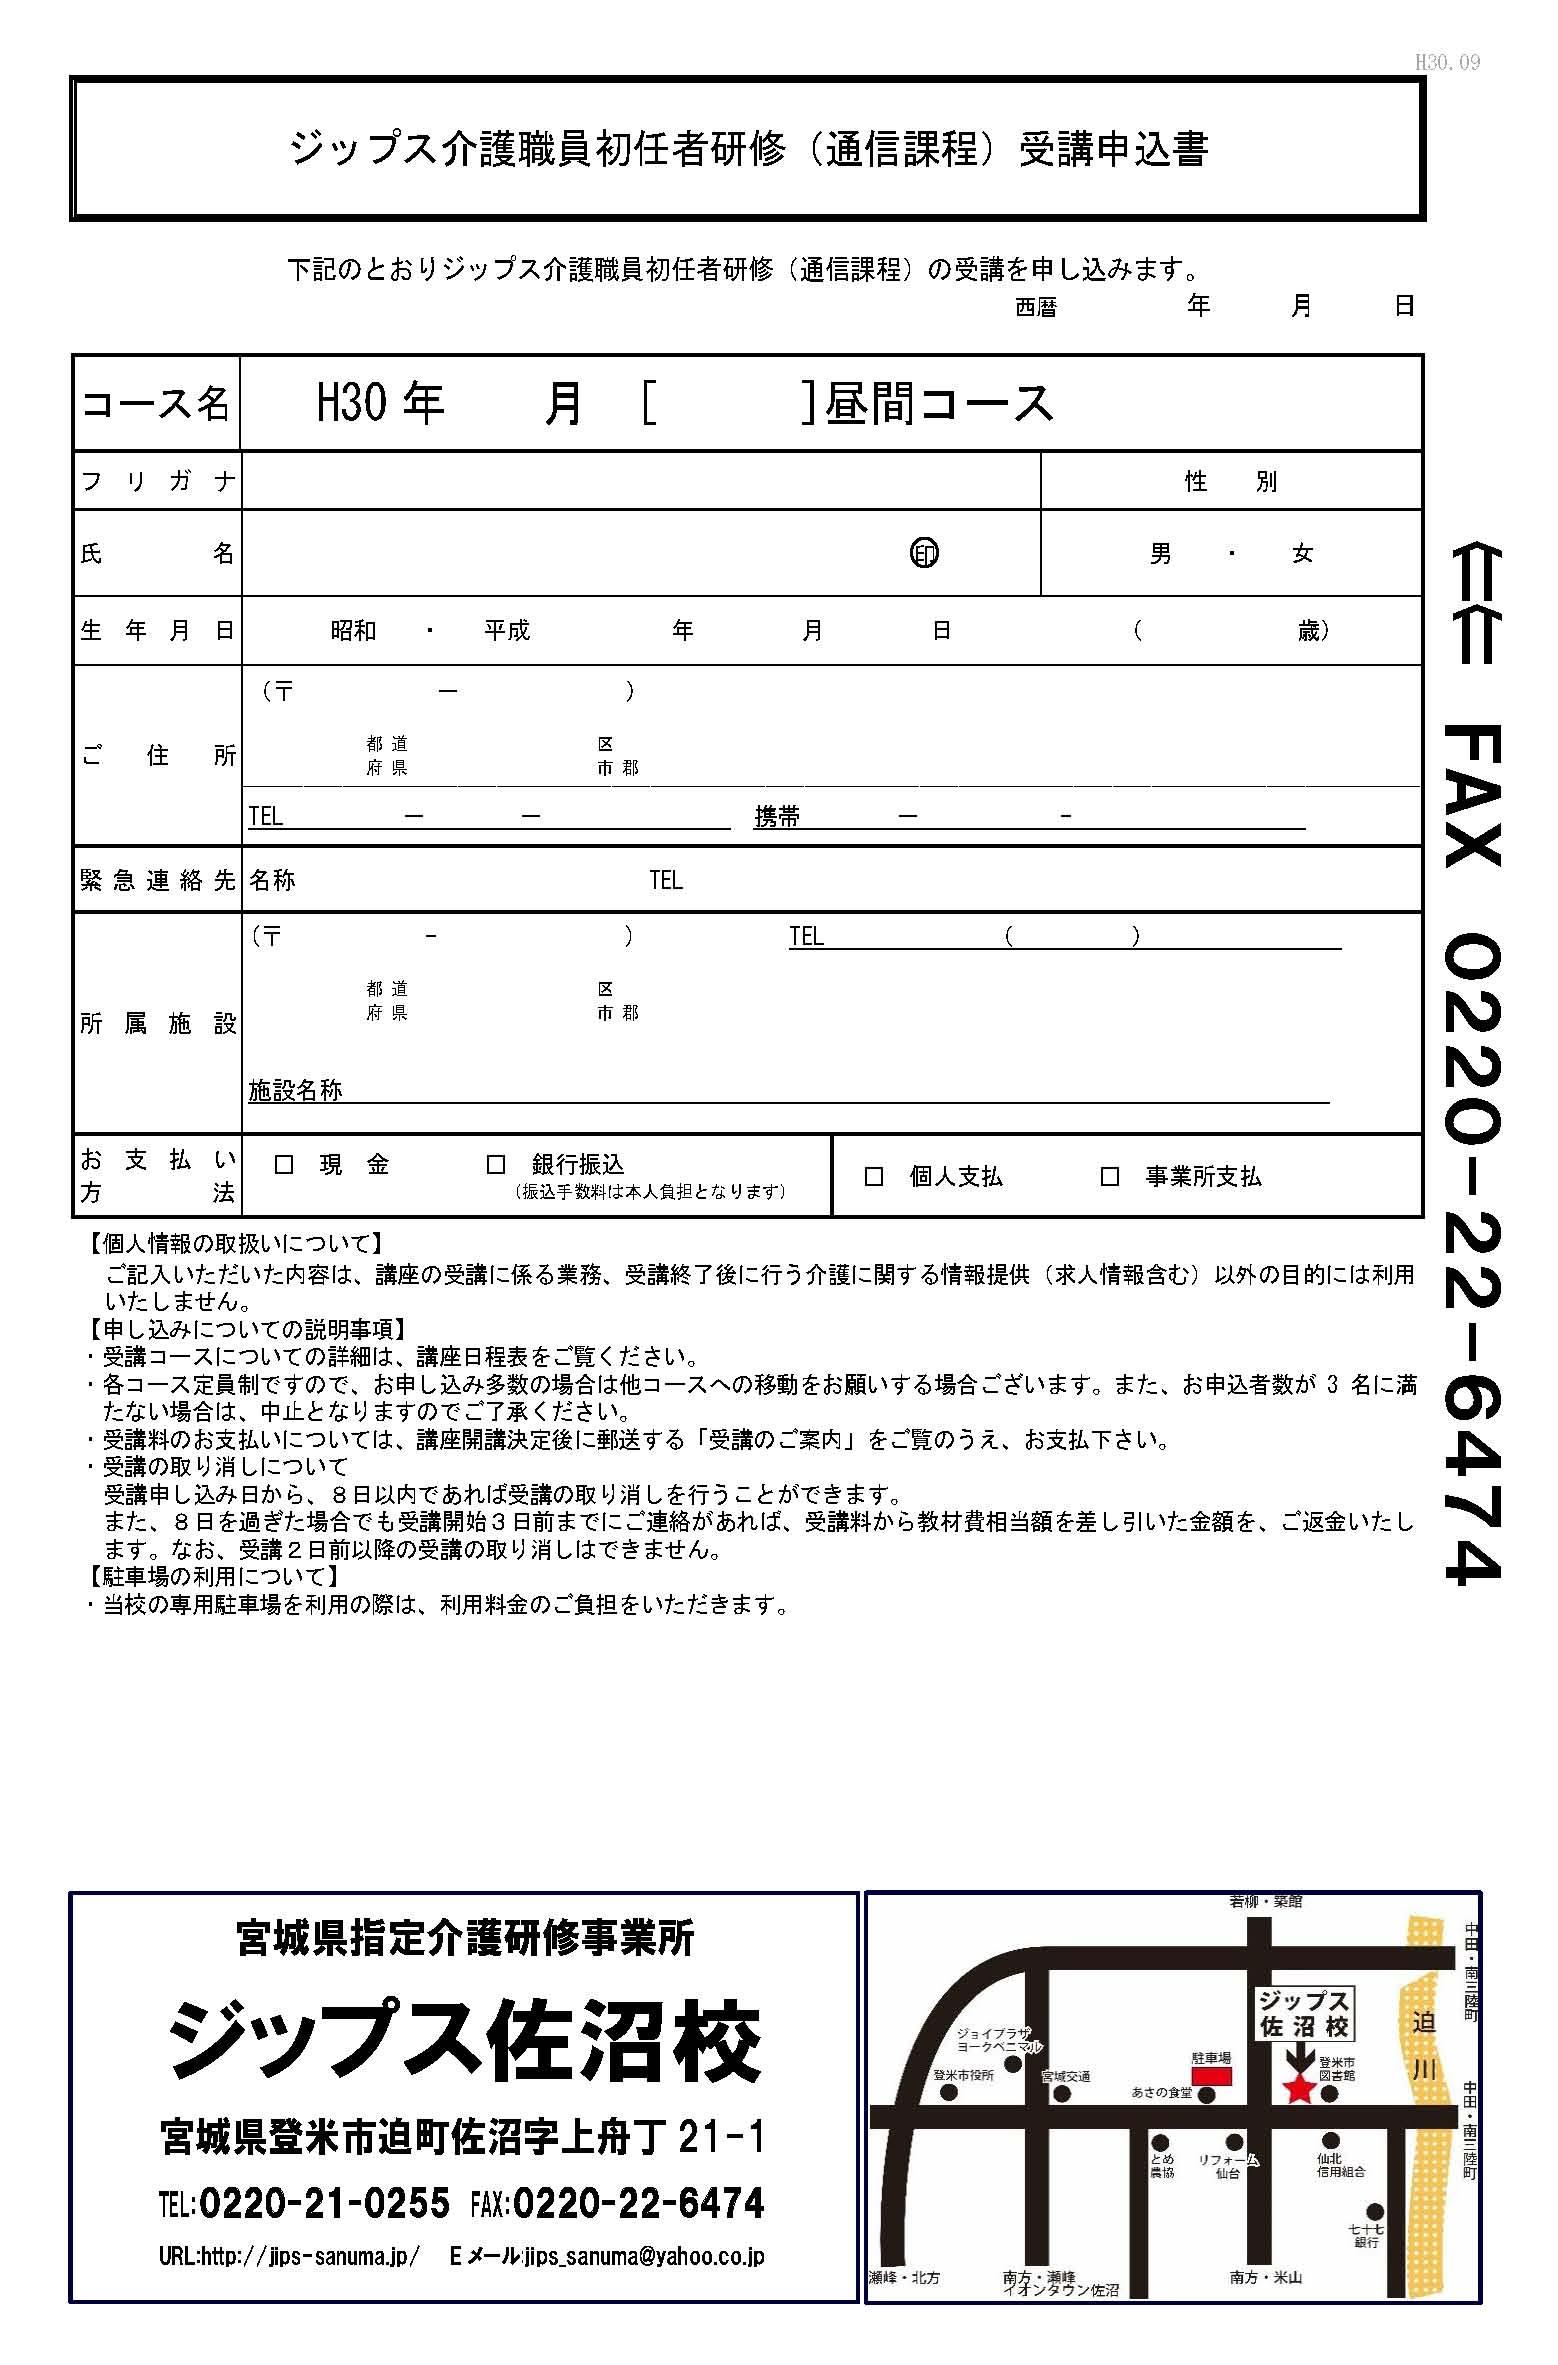 初任者研修募集チラシH30年11月(総合)_ページ_2